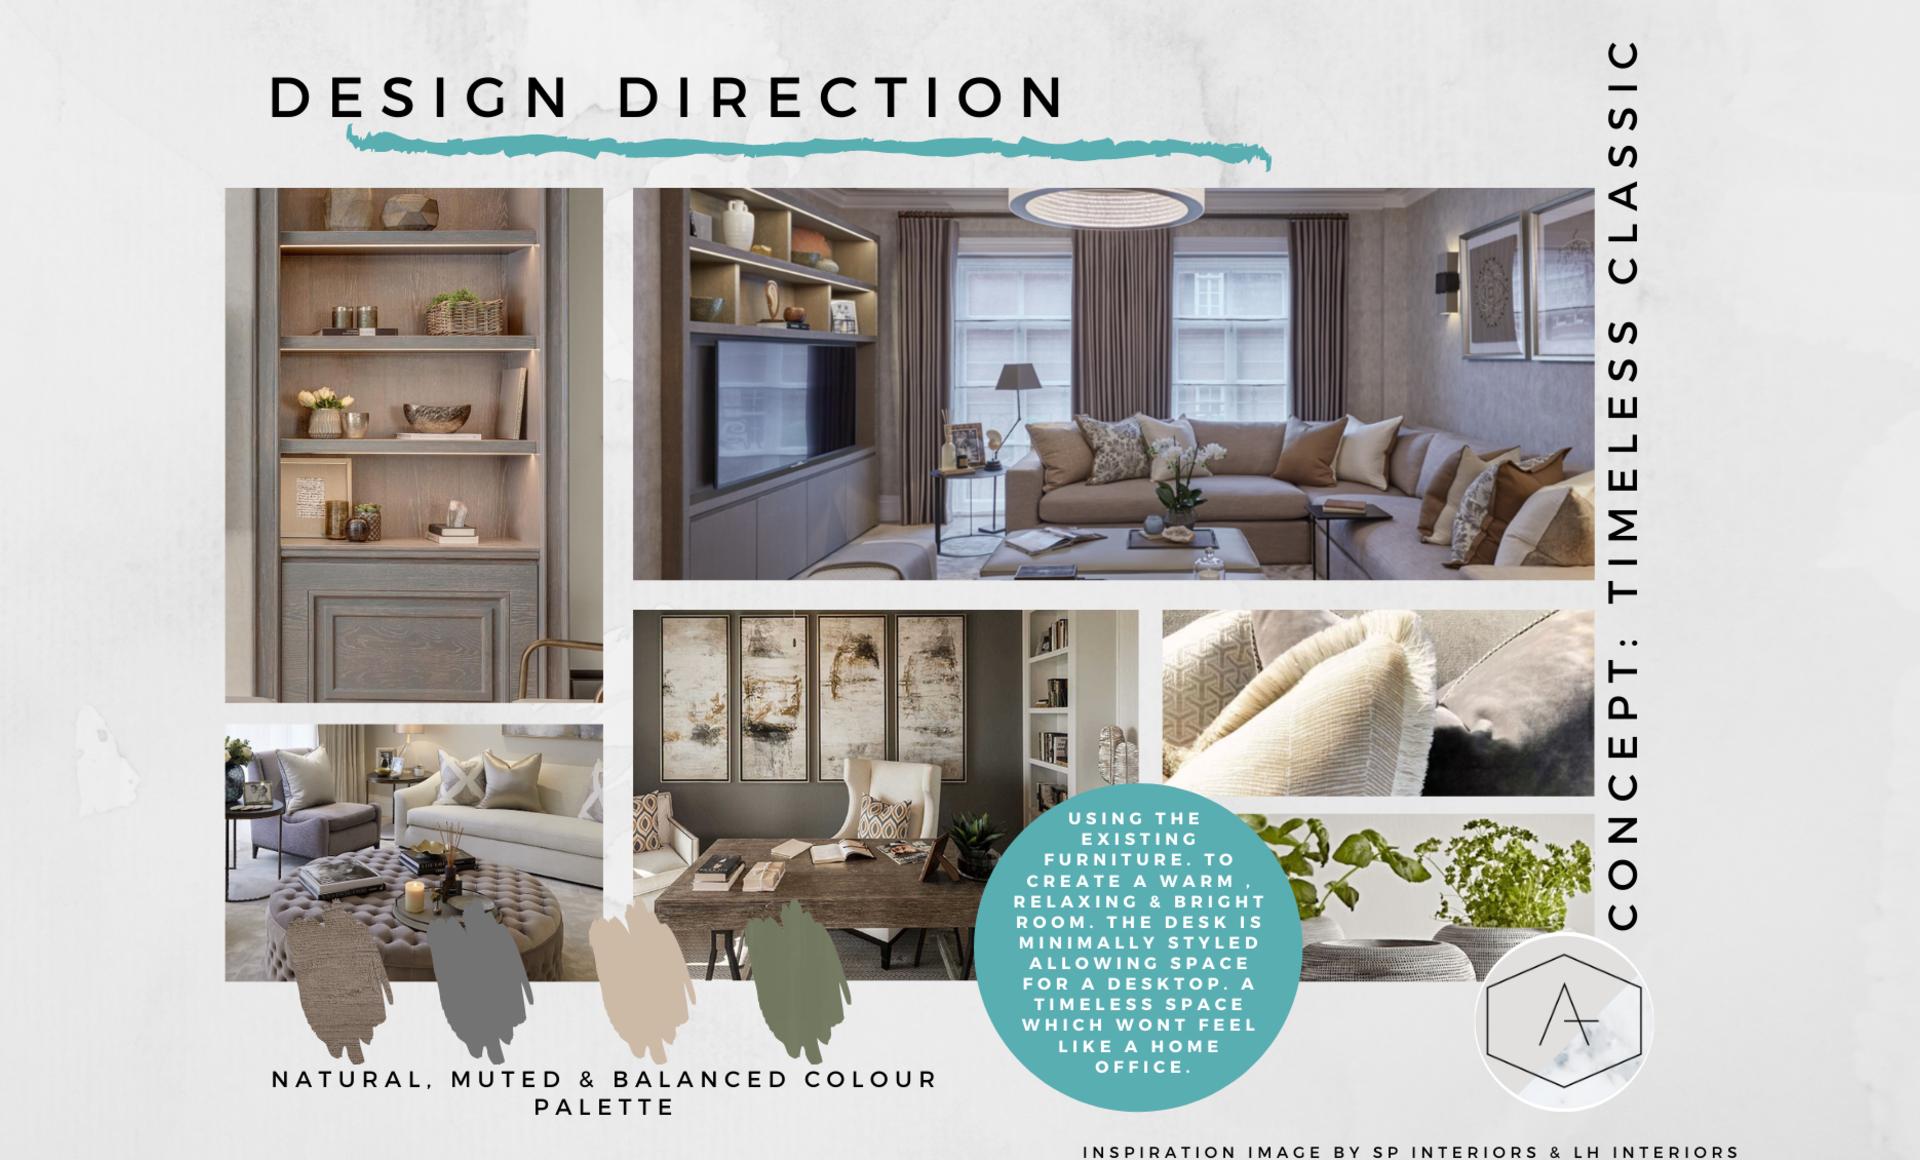 H sandhar home office design direction %282%29